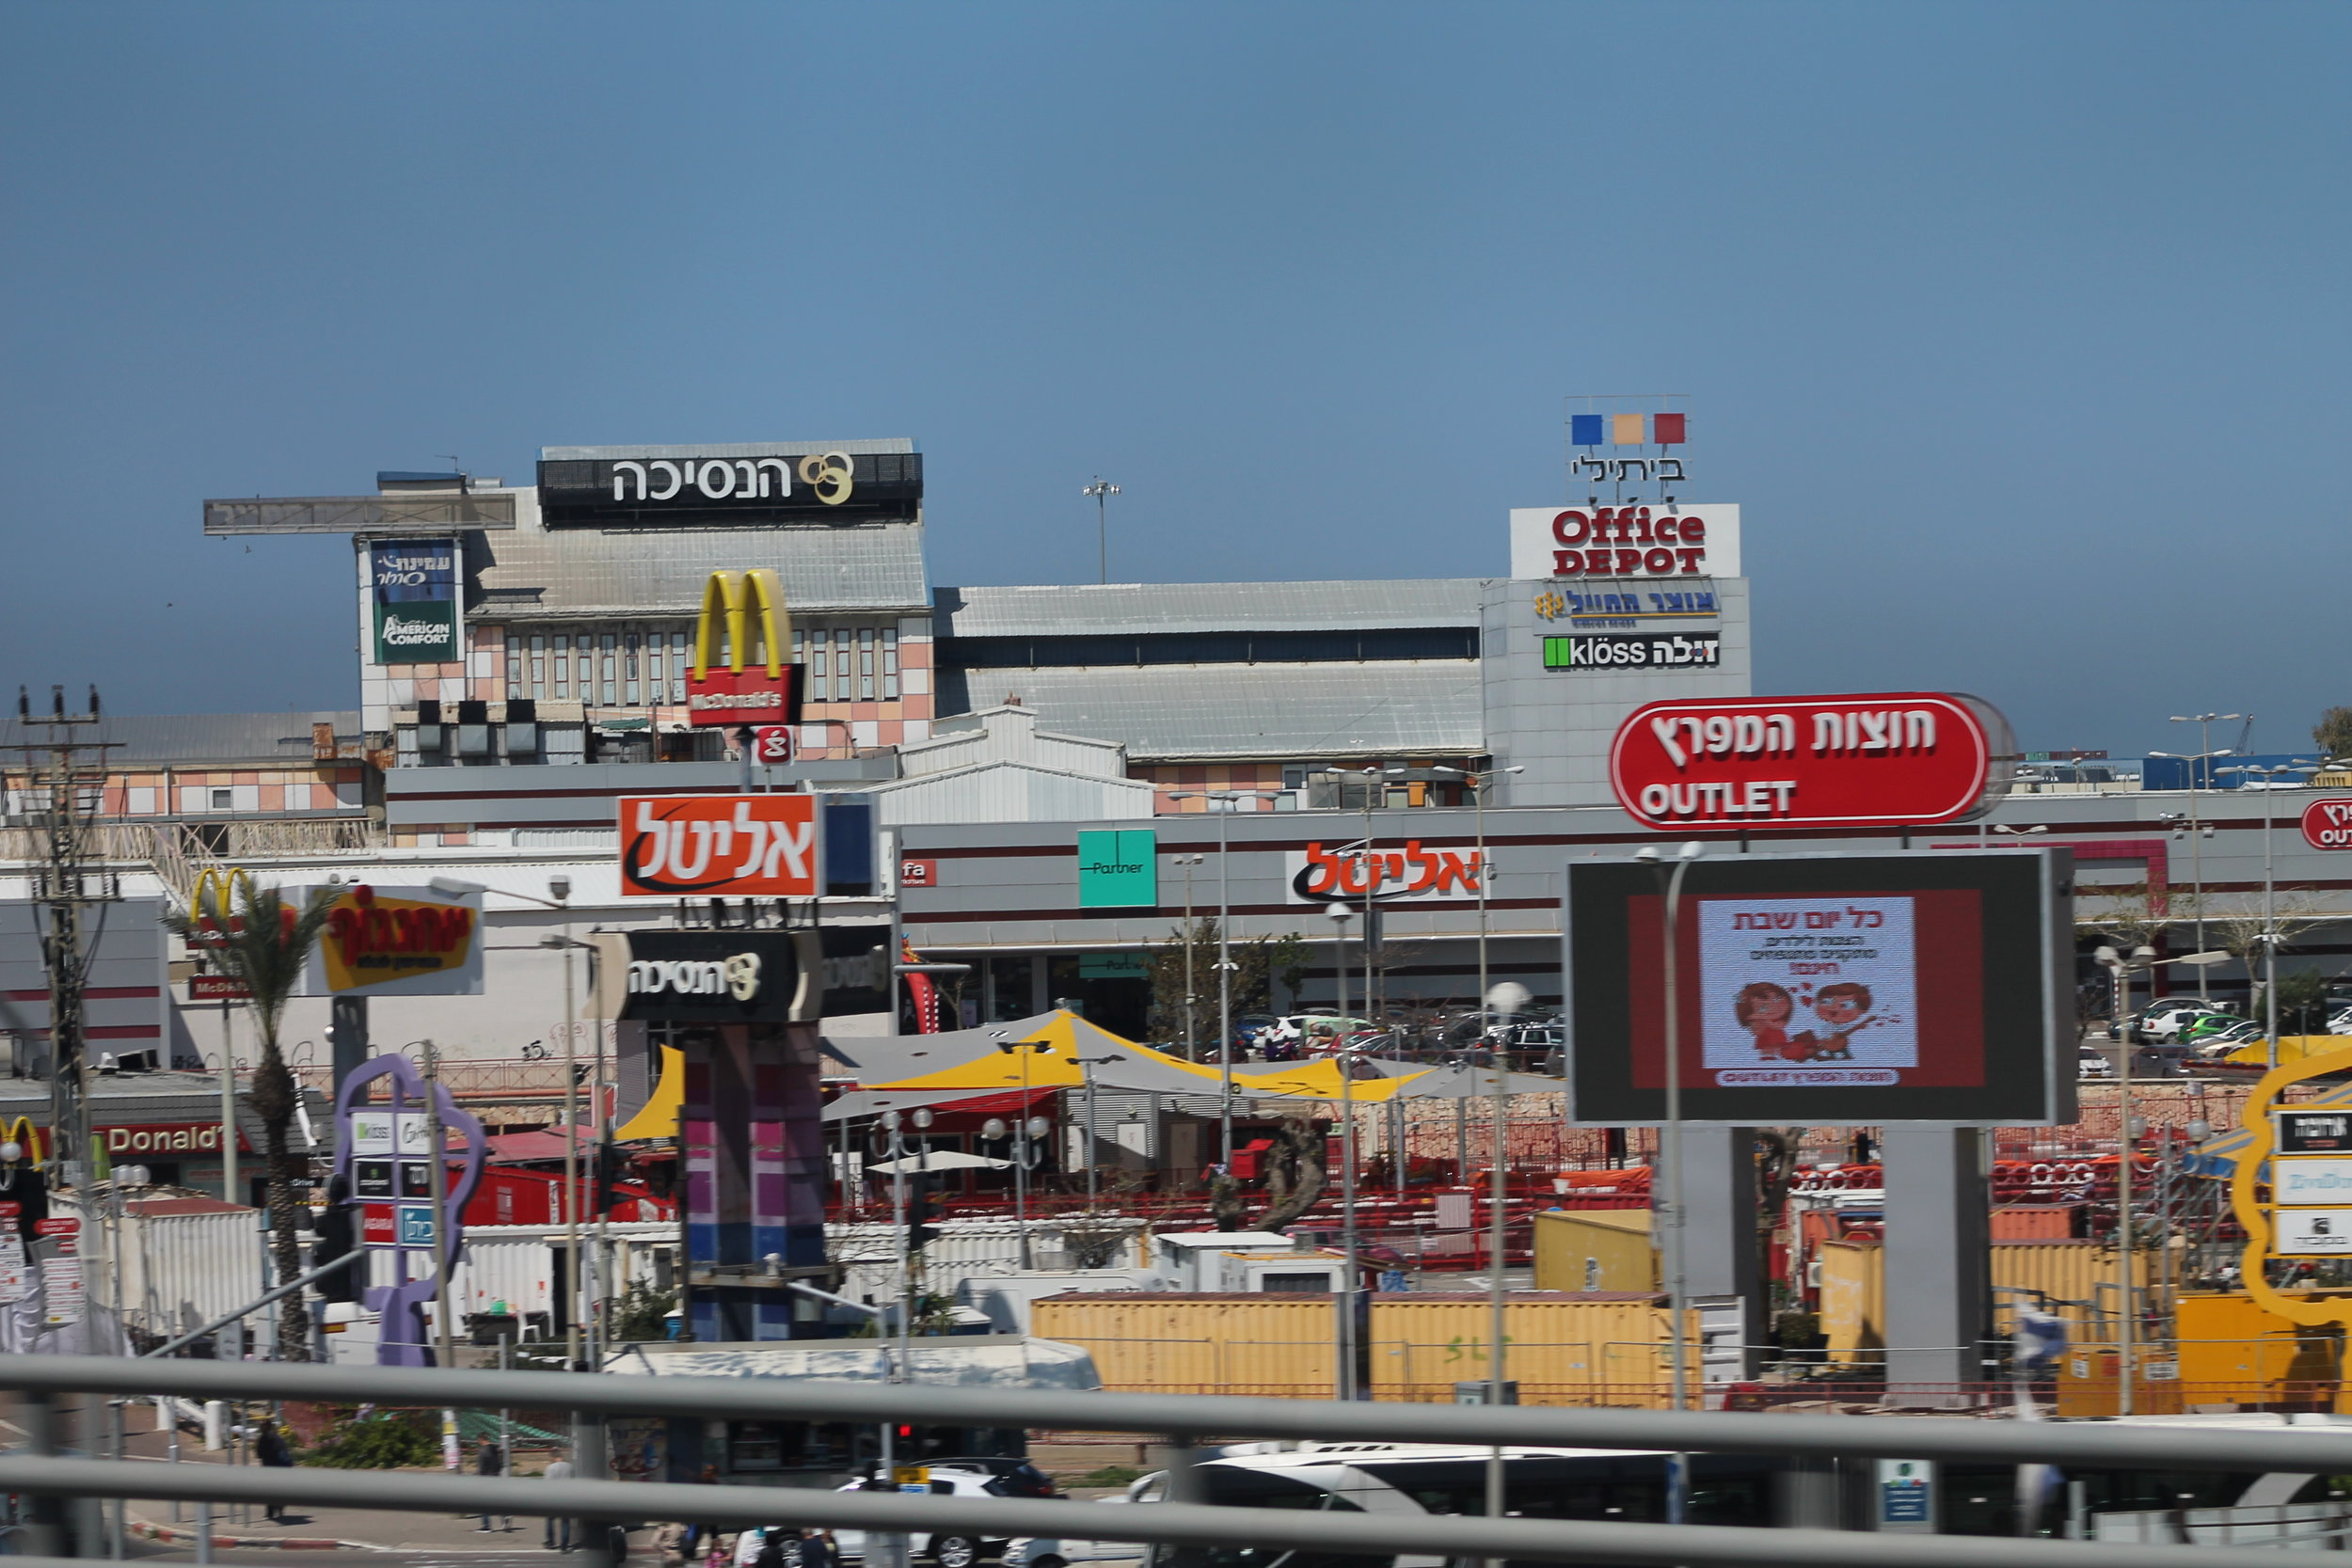 Driving through Haifa. Signs from a modern era.